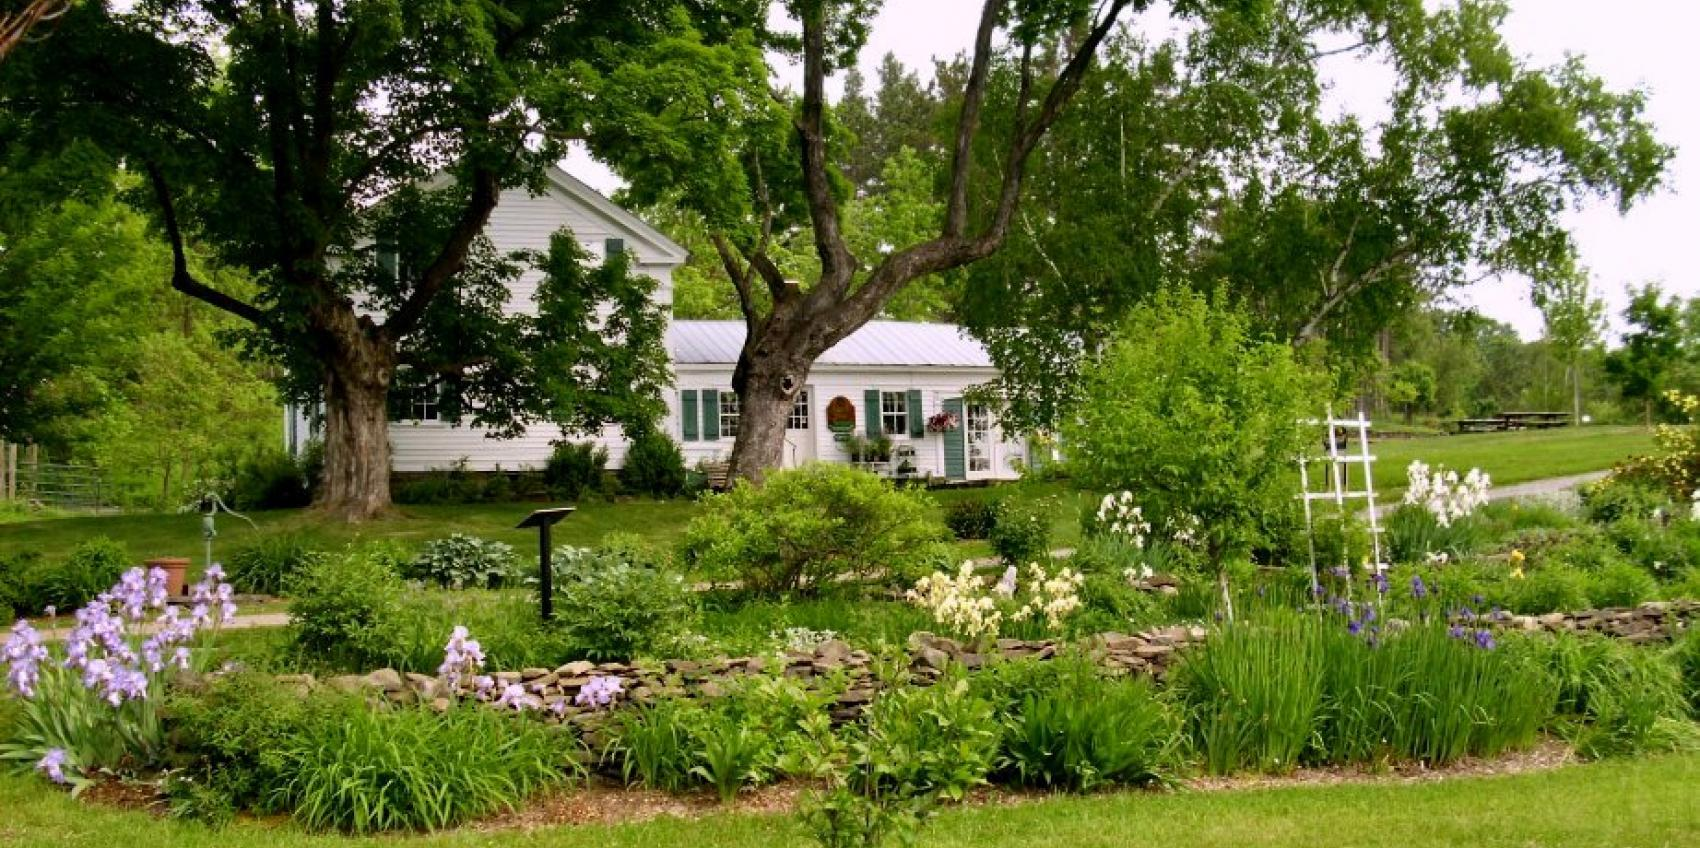 Landis Arboretum American Public Gardens Association